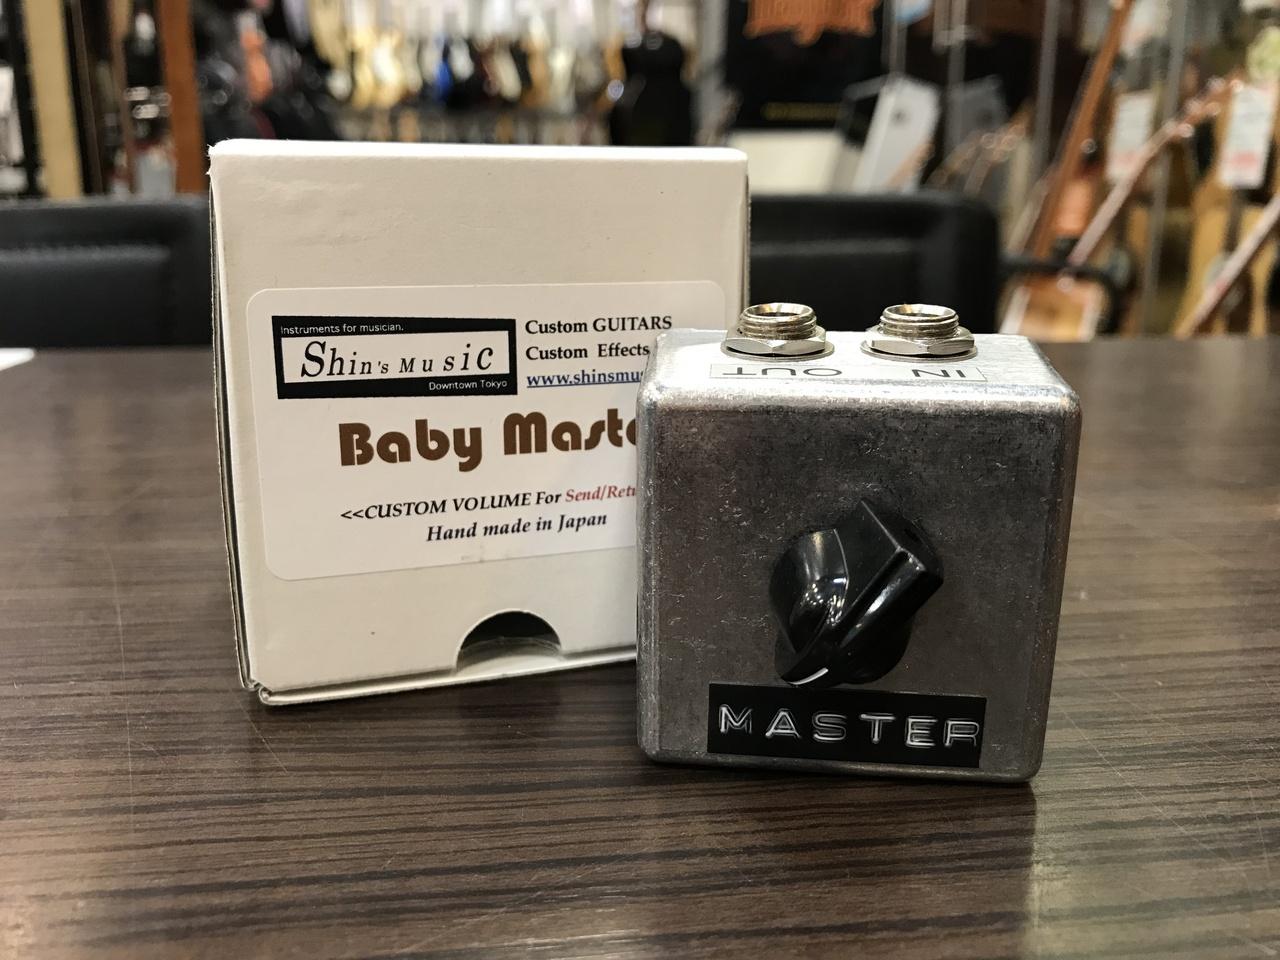 Shin's Music Baby Master